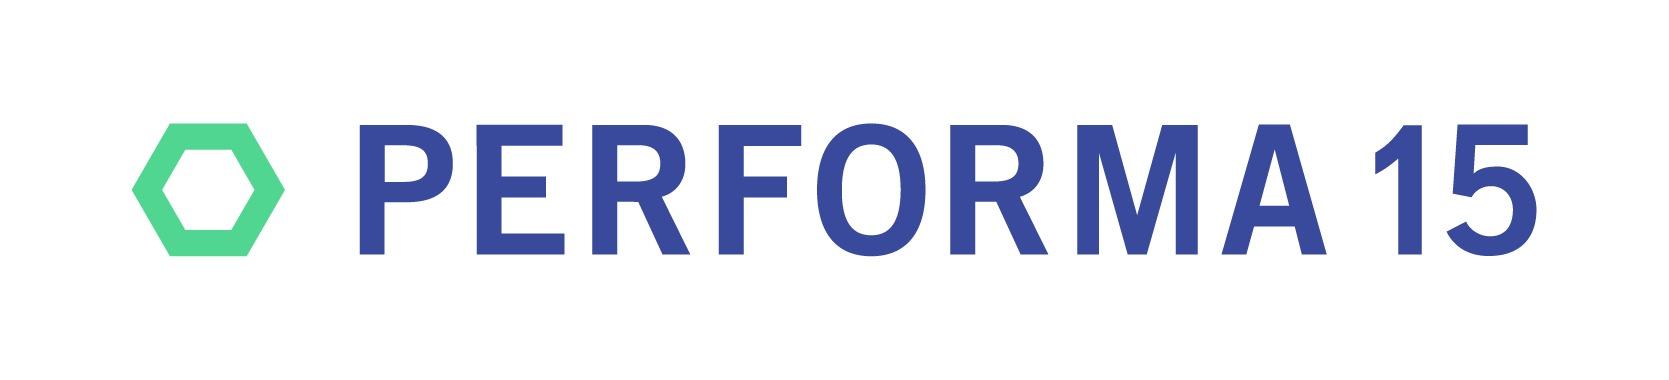 150717_Performa15_Logo_RGB.jpg